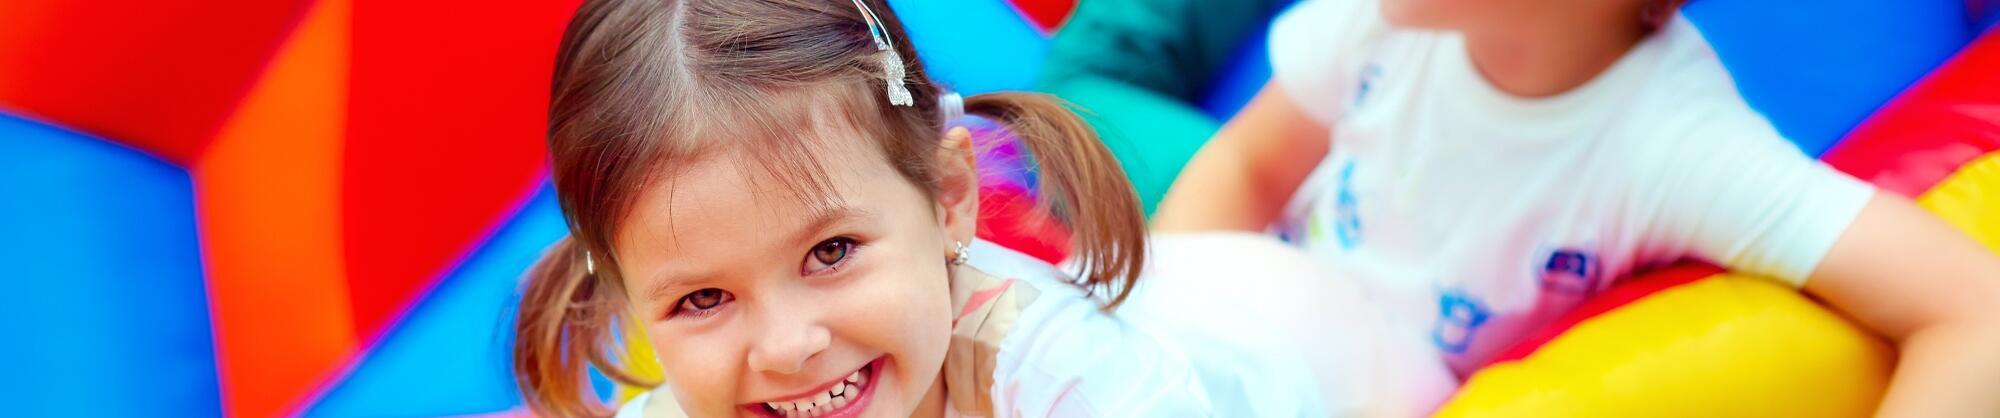 Angebot zweite Woche September in Rimini: Kinderermäßigung 50%